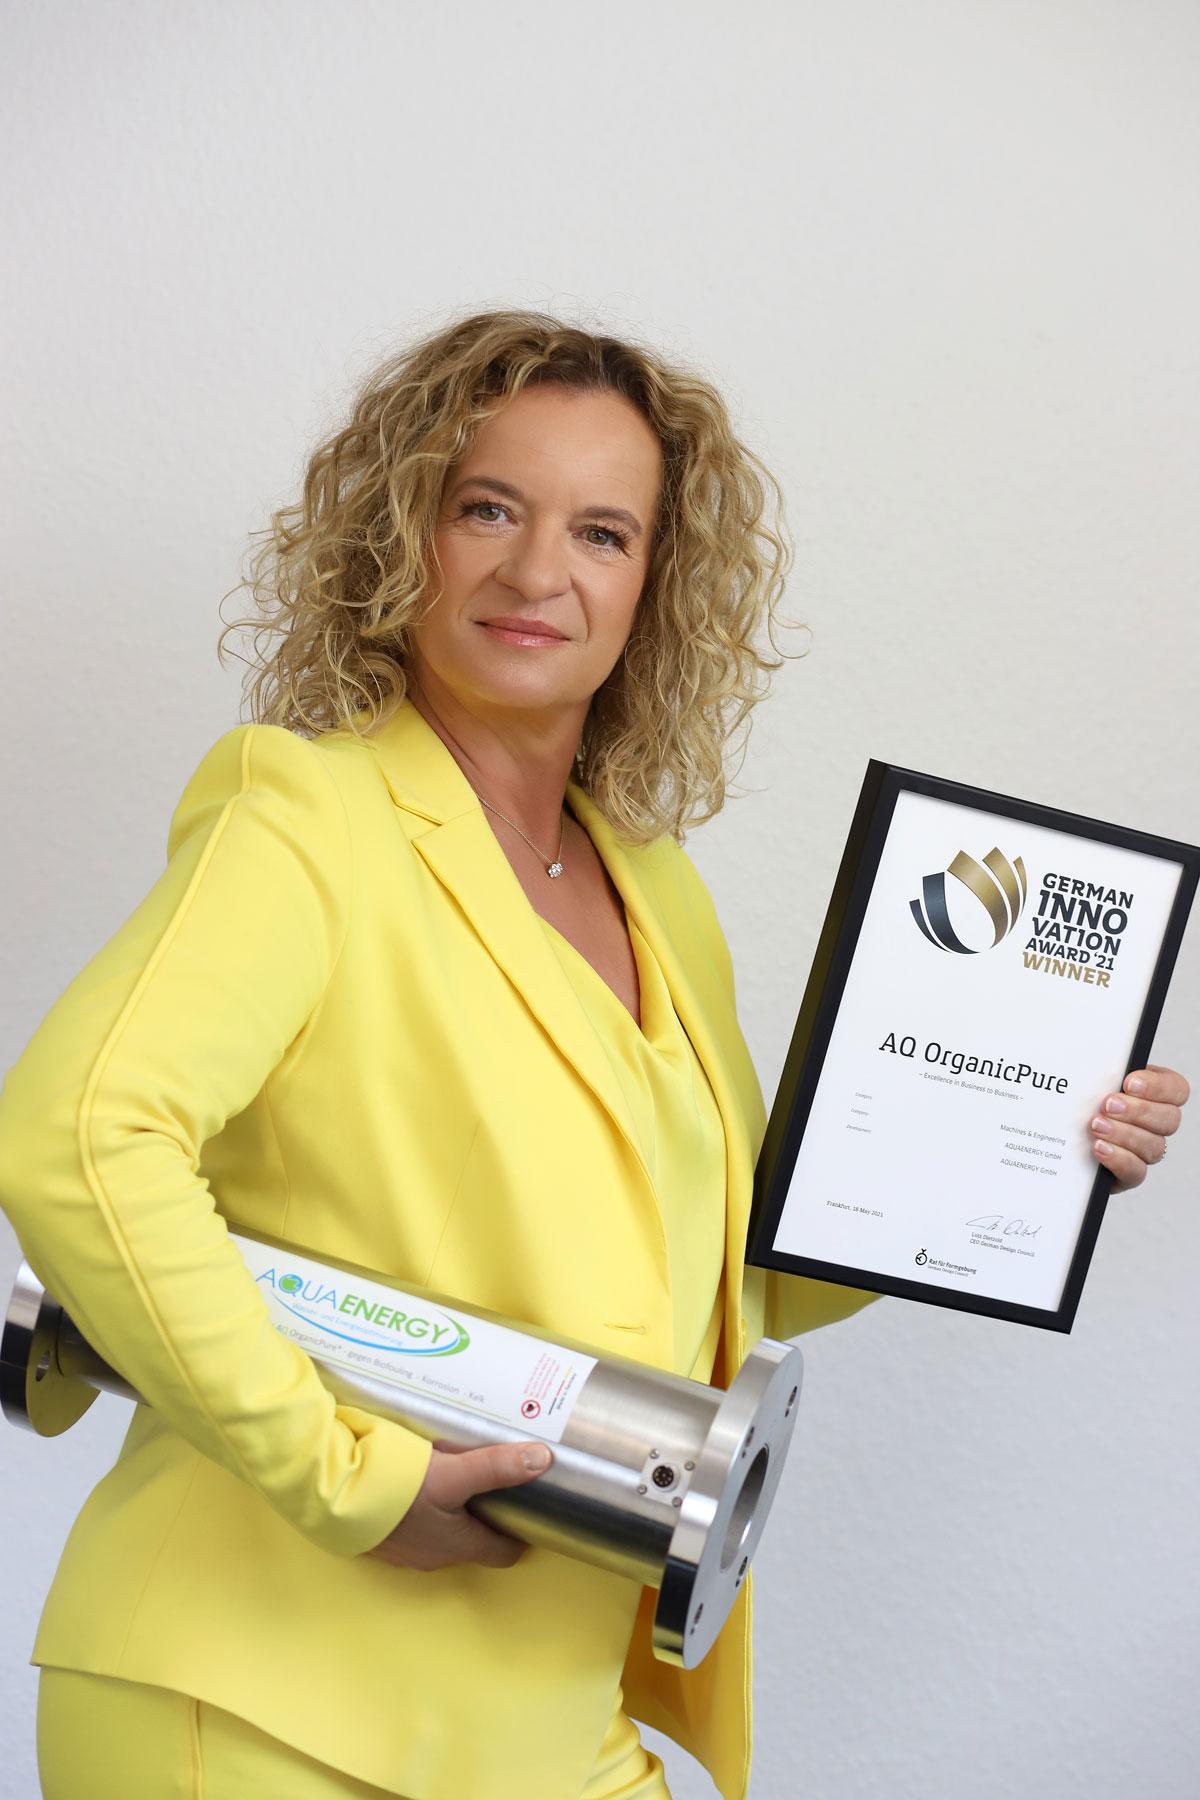 german_innovation_award_heike_schneider_jenchen